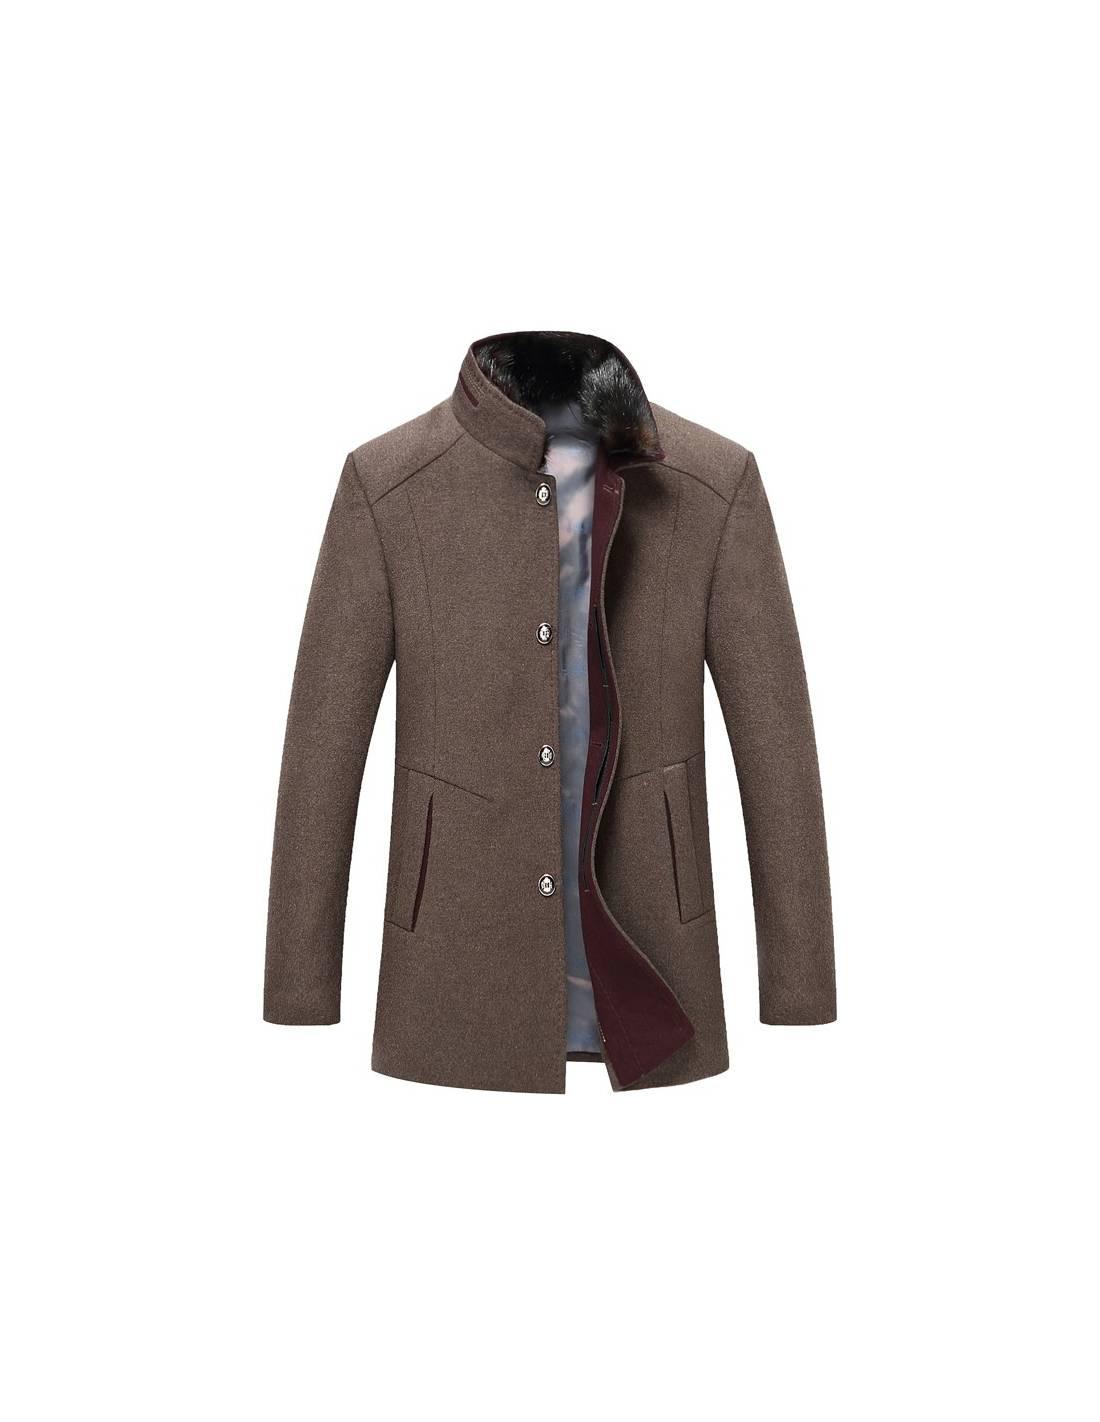 dégagement fabrication habile site réputé Manteau laine col mao fourrure